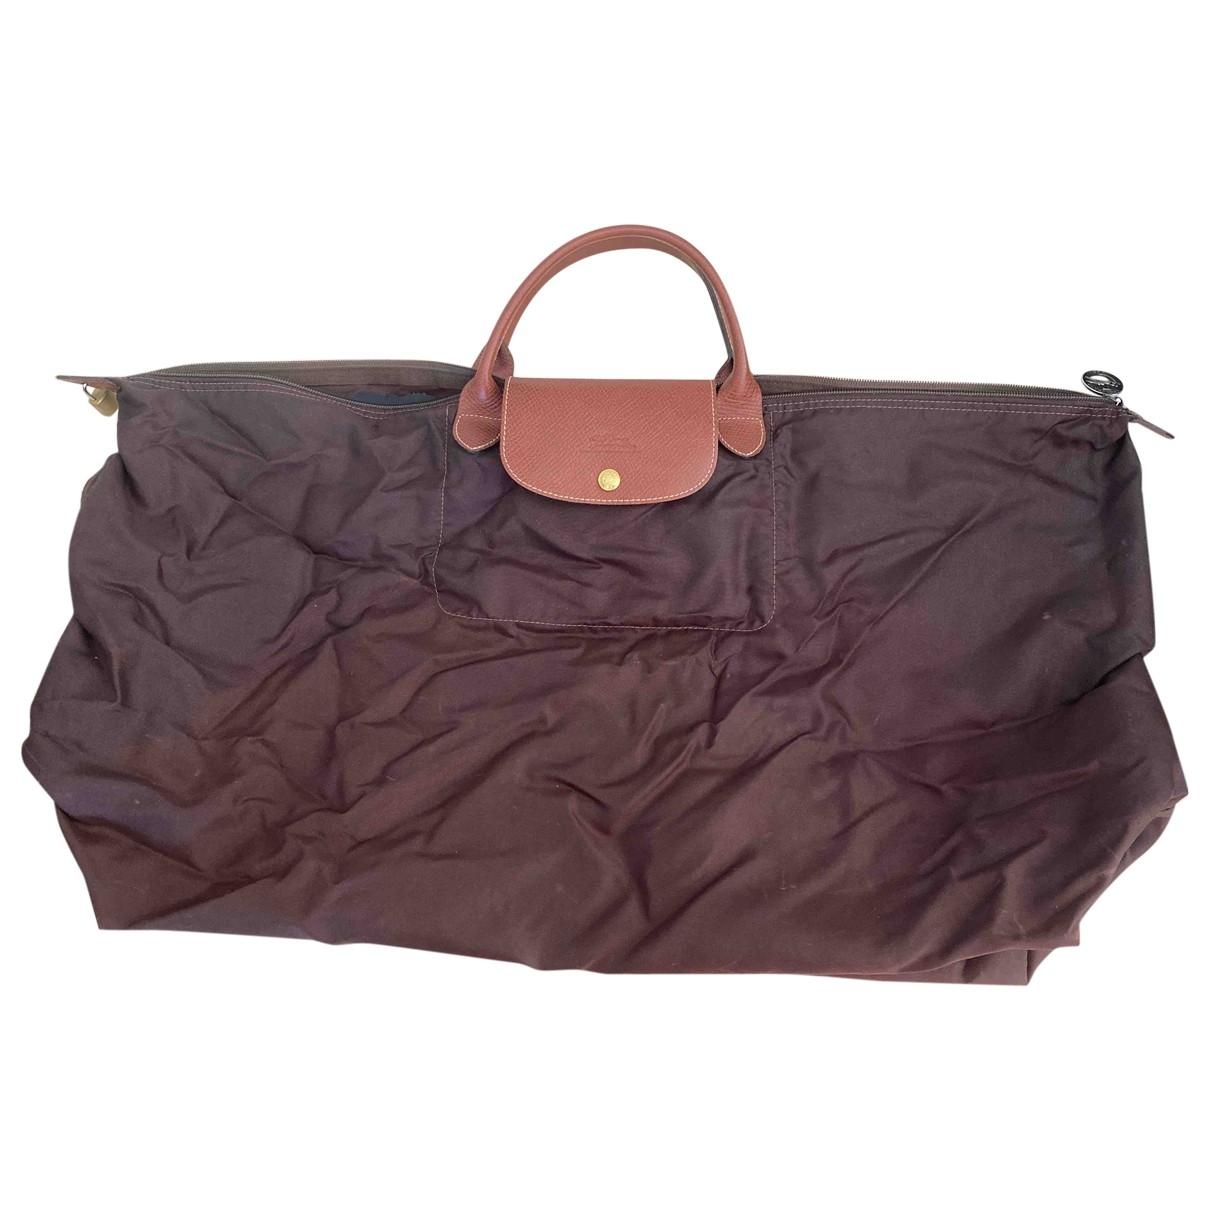 Longchamp Pliage  Reisetasche in  Braun Leinen